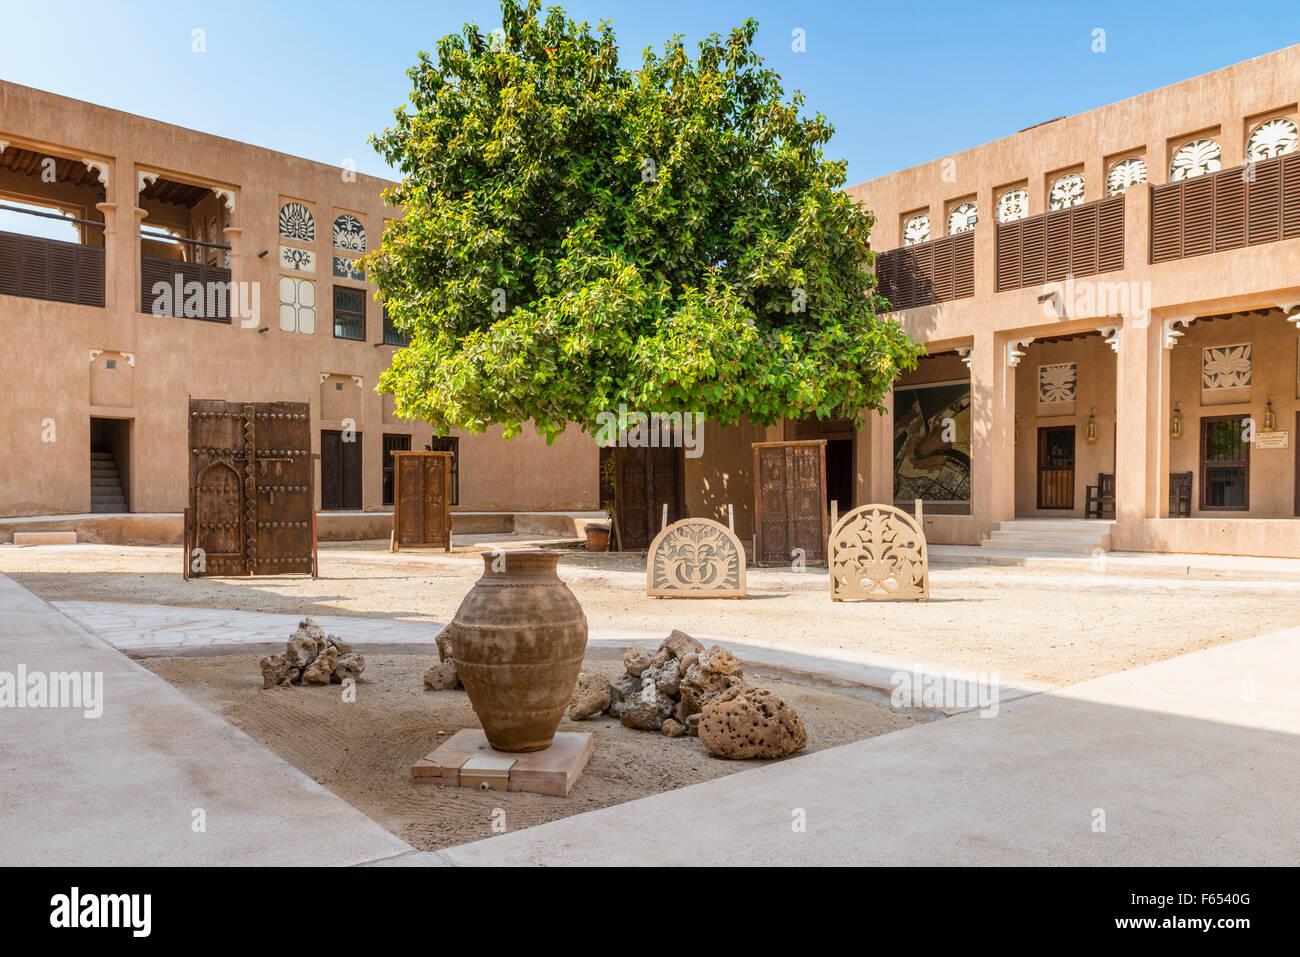 Innenhof im traditionellen Architektur Museum in Heritage Area bei Al Shindagha, Dubai Vereinigte Arabische Emirate Stockbild